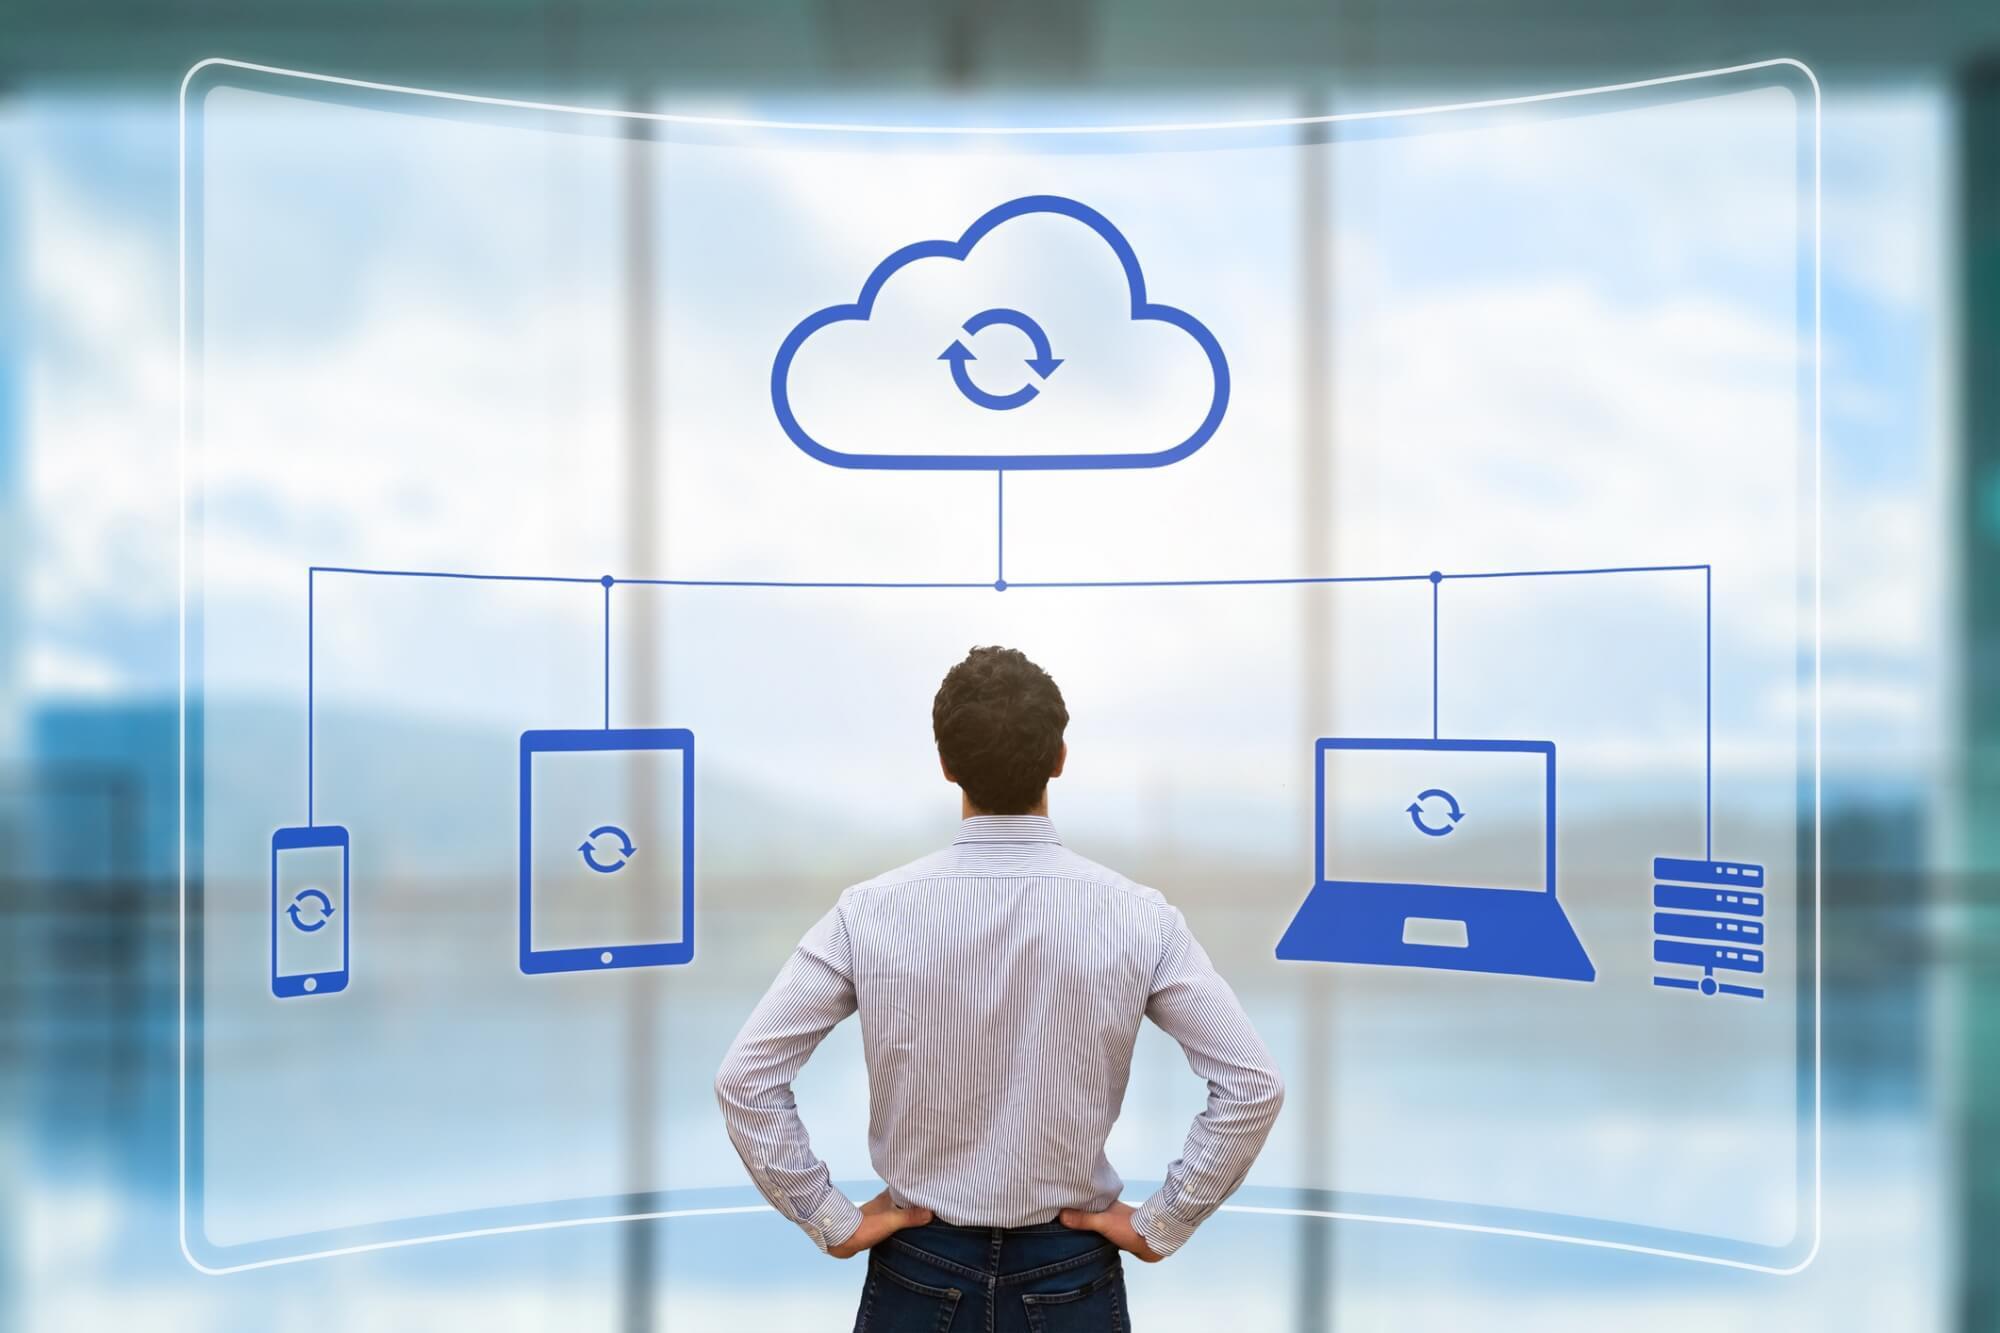 Cloud Storage - Lưu trữ đám mây là gì? Tìm hiểu về lưu trữ đám mây - Ảnh 3.